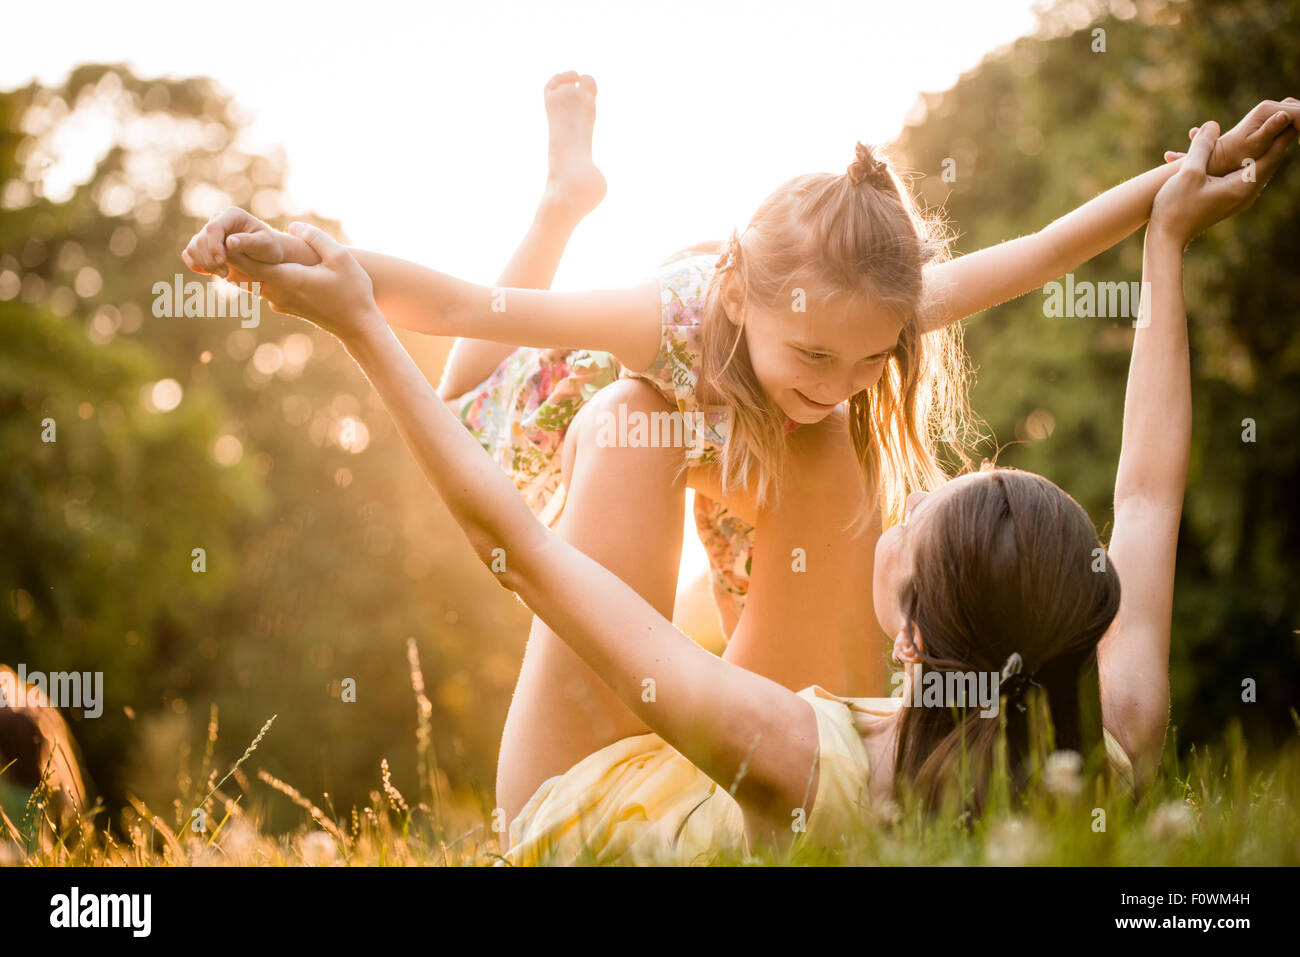 Madre sdraiati sull'erba e gioca con la figlia su aereo Immagini Stock